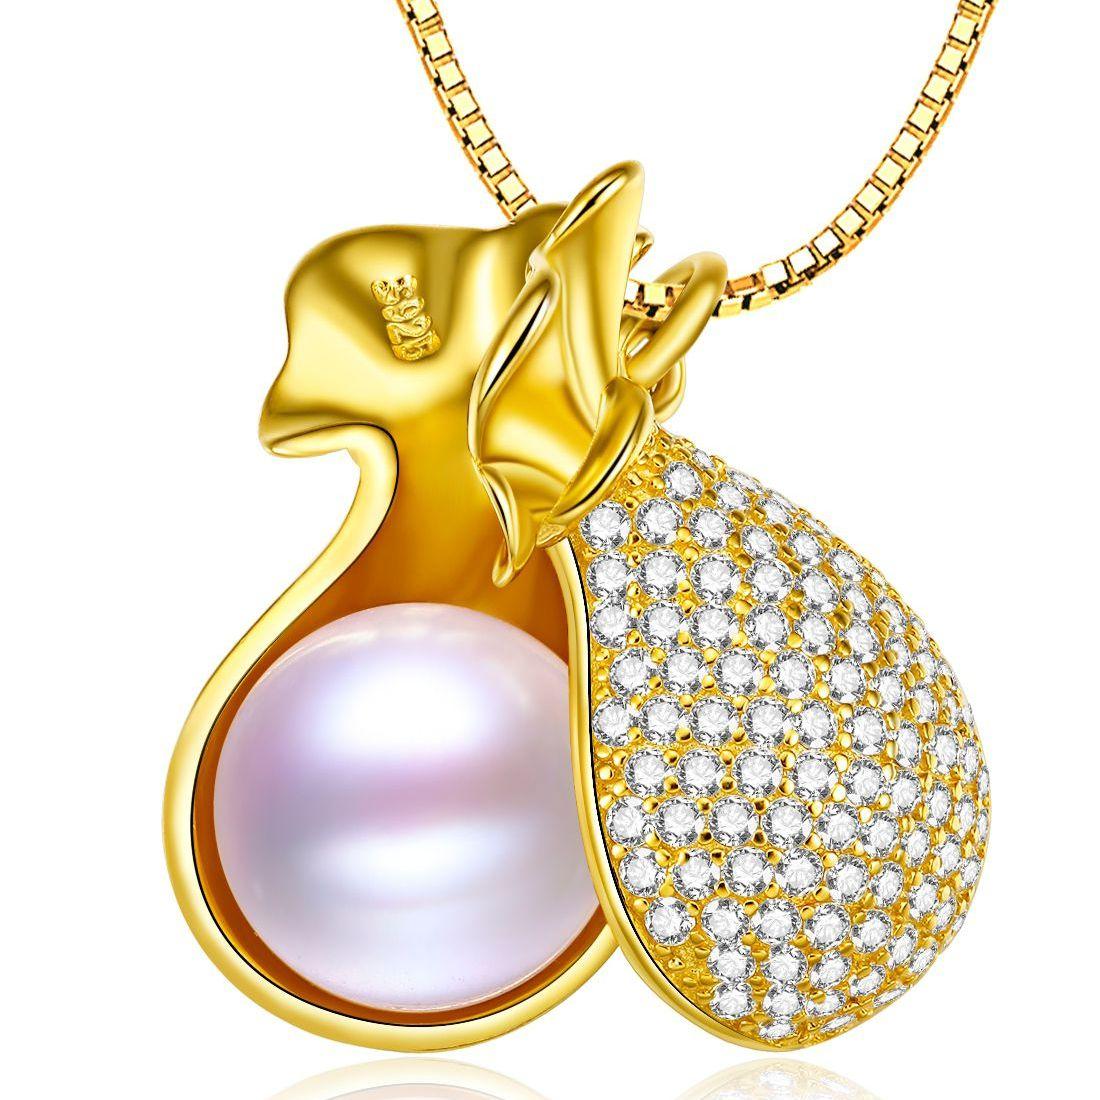 北海珍珠批发   北海珍珠 福袋 9.5-10mm天然珍珠纯银吊坠